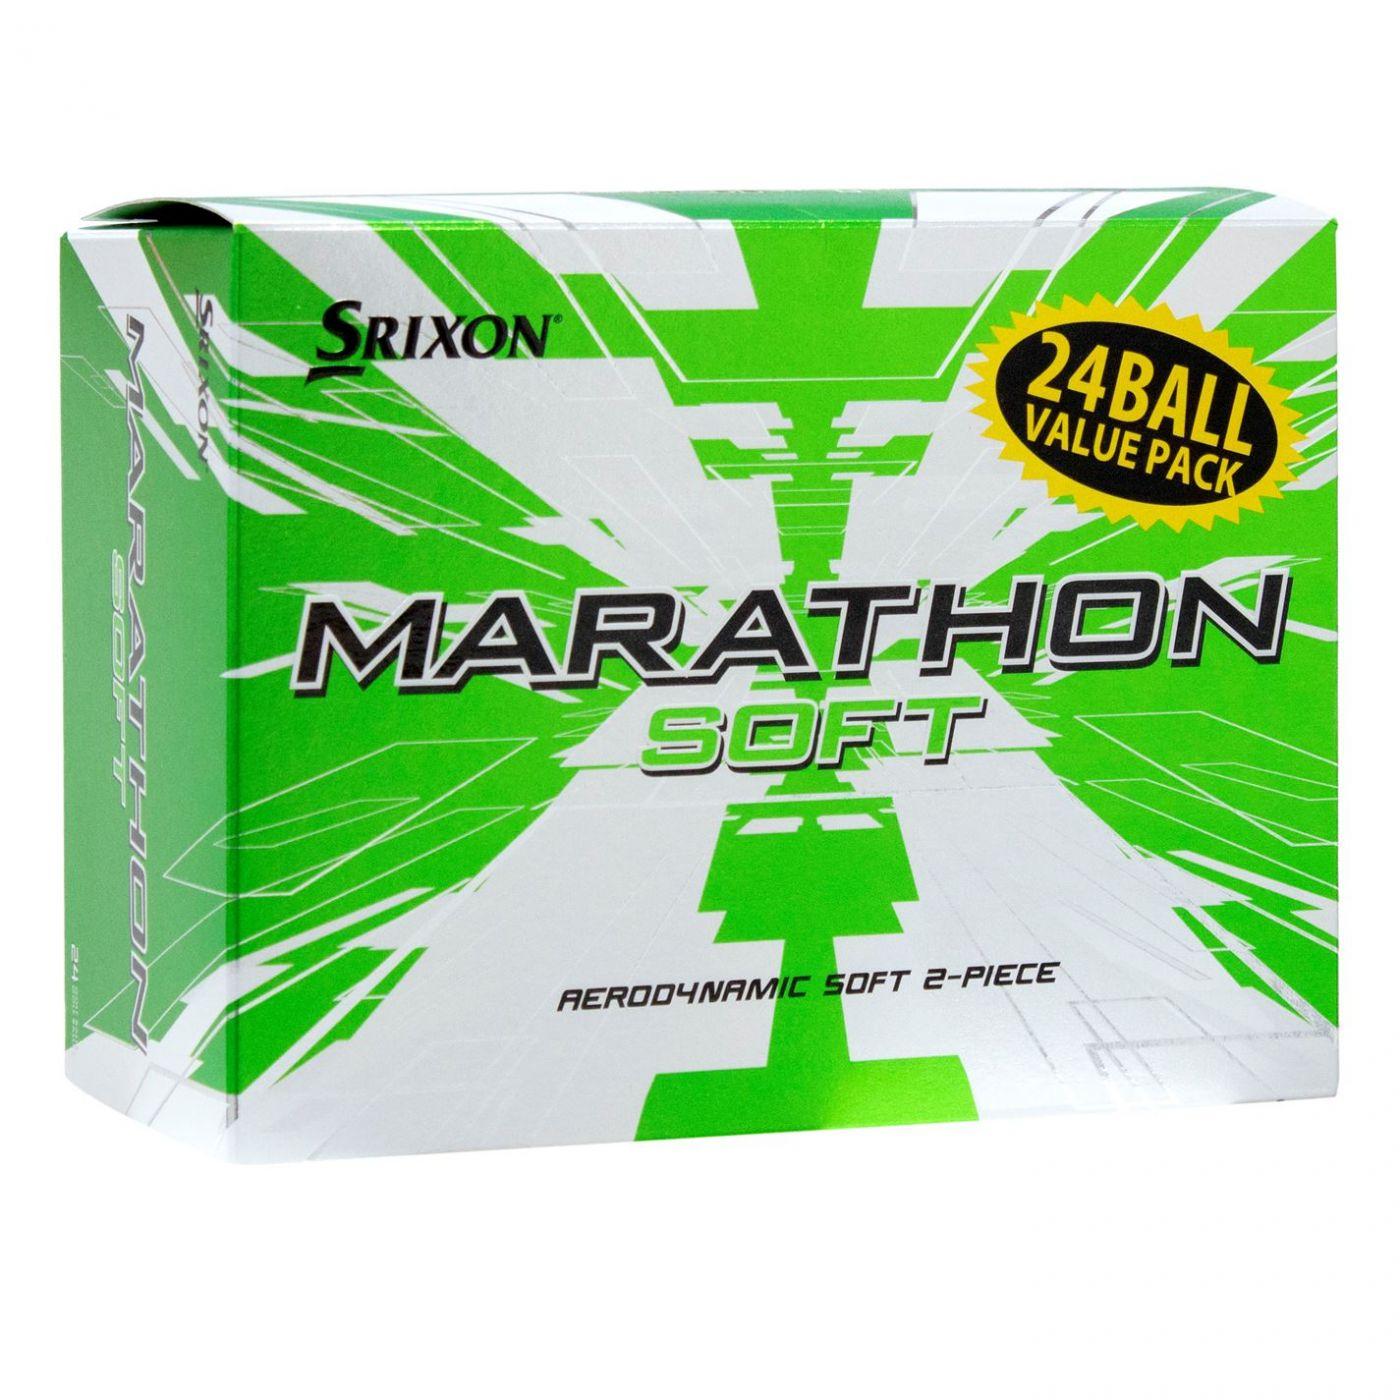 Srixon Marathon Soft Golf Balls 24 Pack